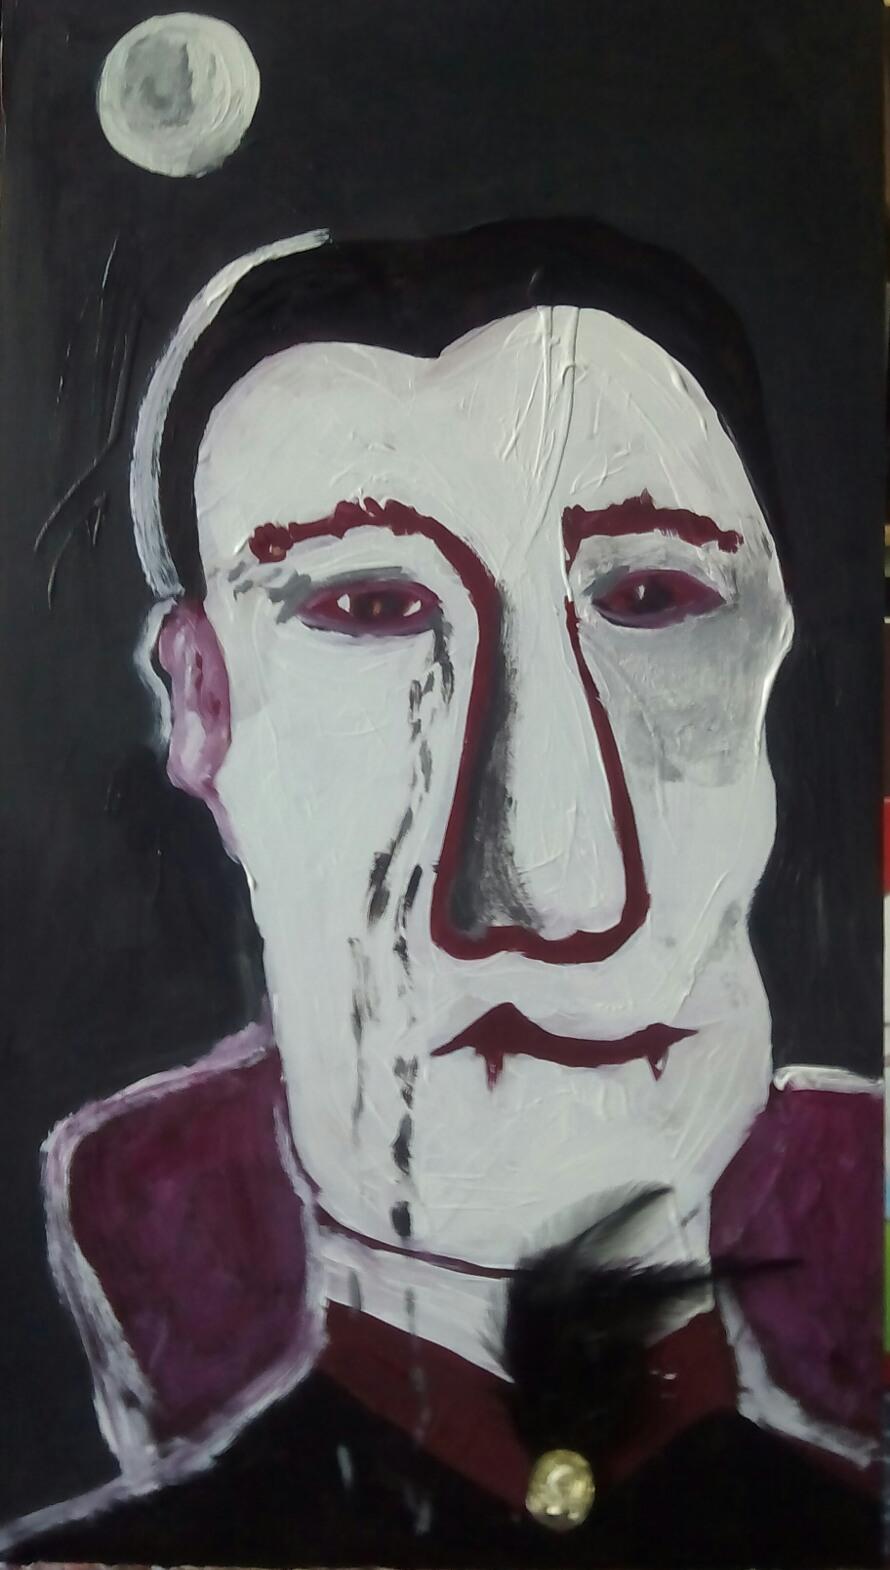 Vampiro triste - Cuadro en venta Artista Maite Arriaga